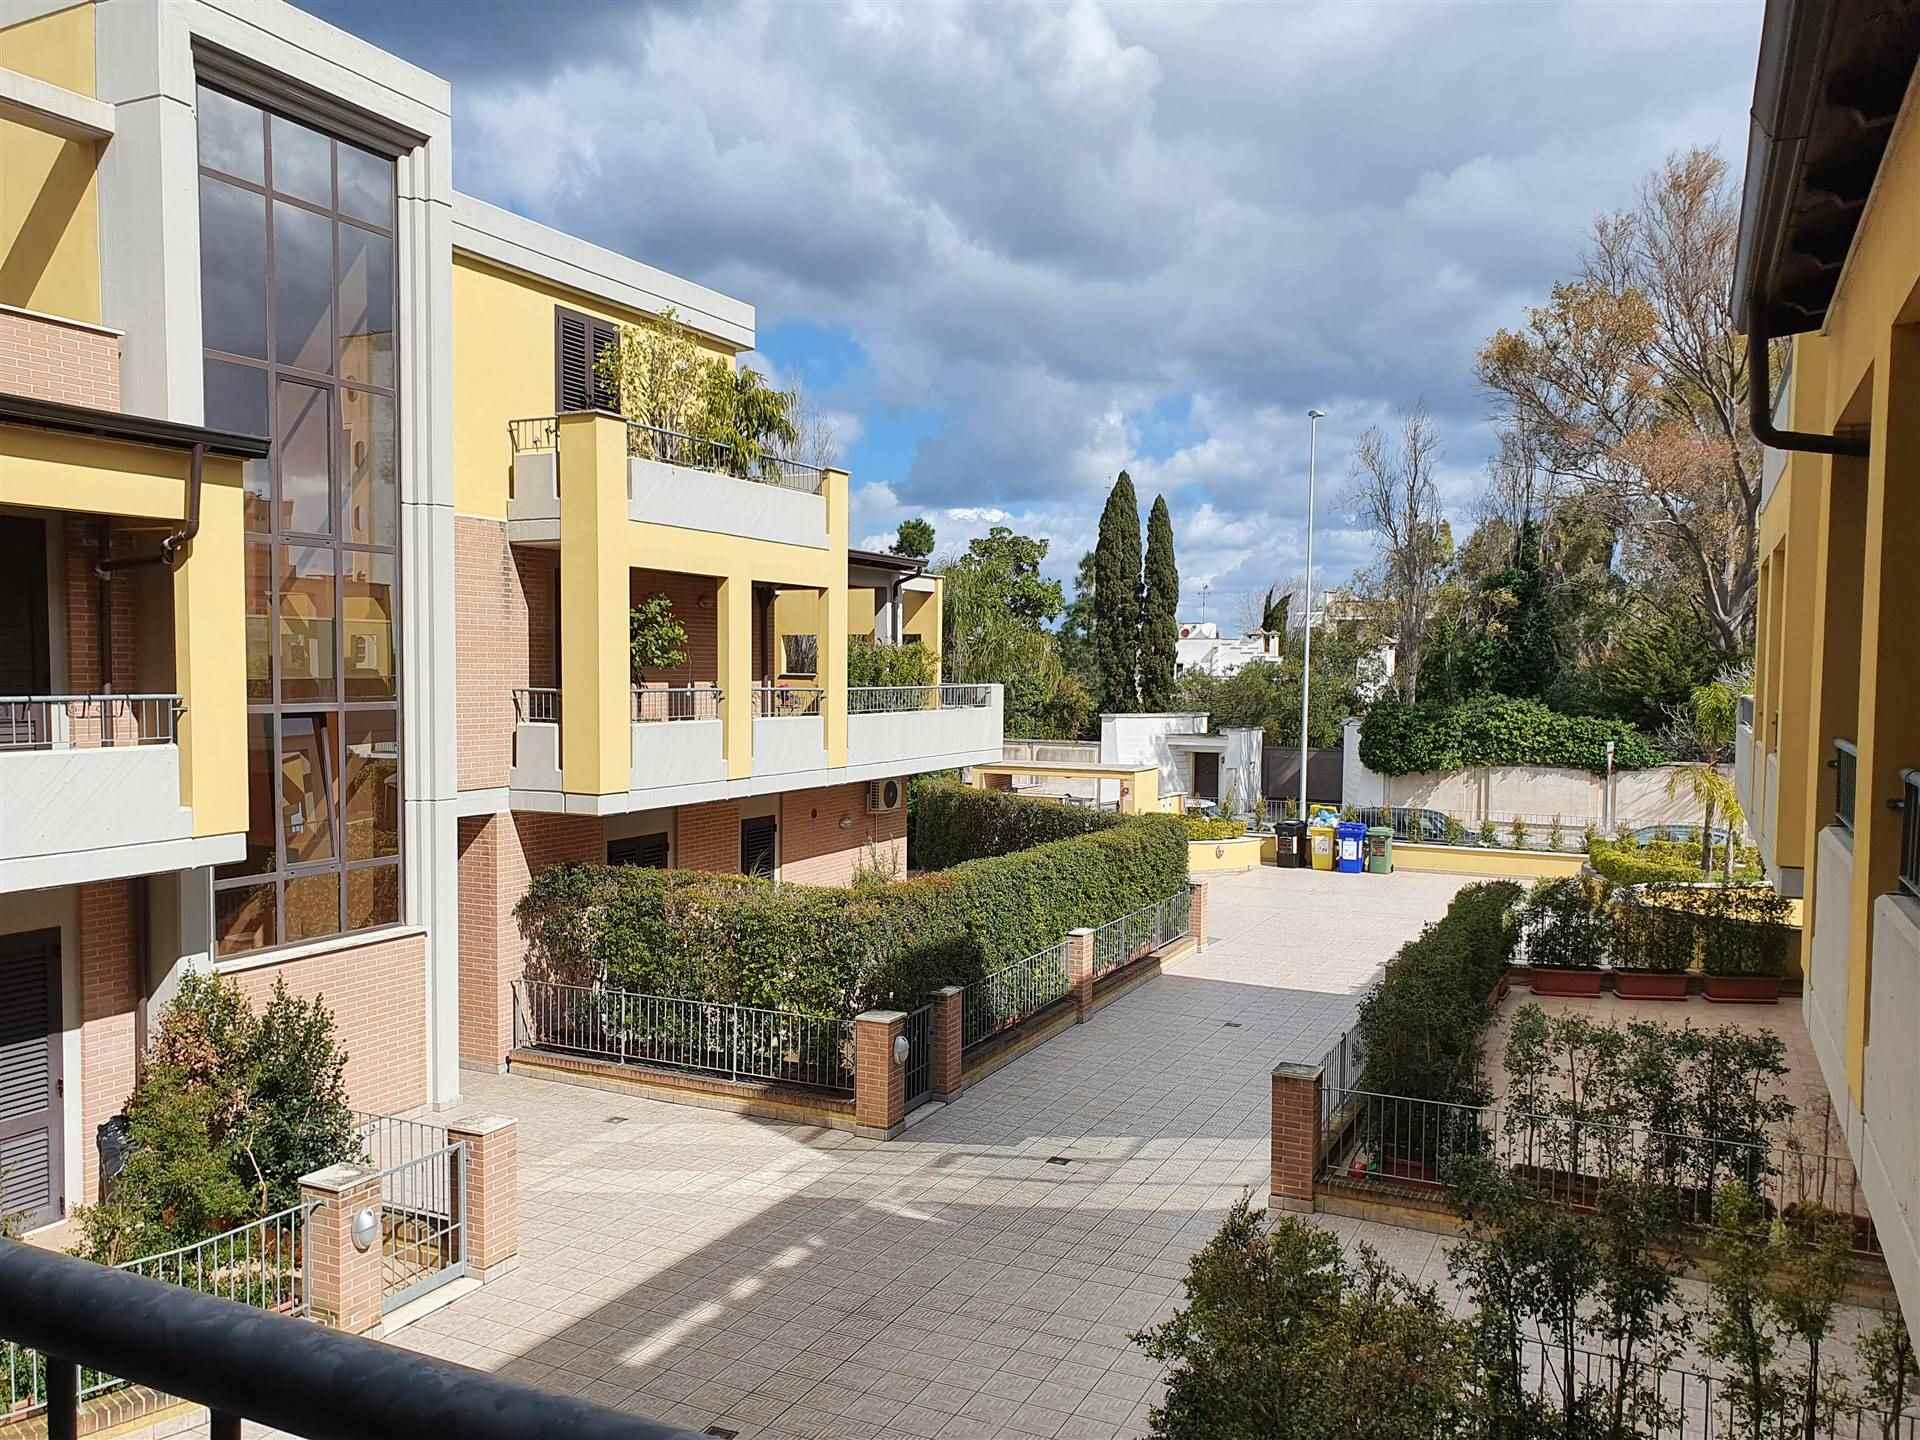 In zona servita e residenziale, proponiamo appartamento al primo piano semi arredato, composto da un living giorno e cucina abitabile con terrazzino